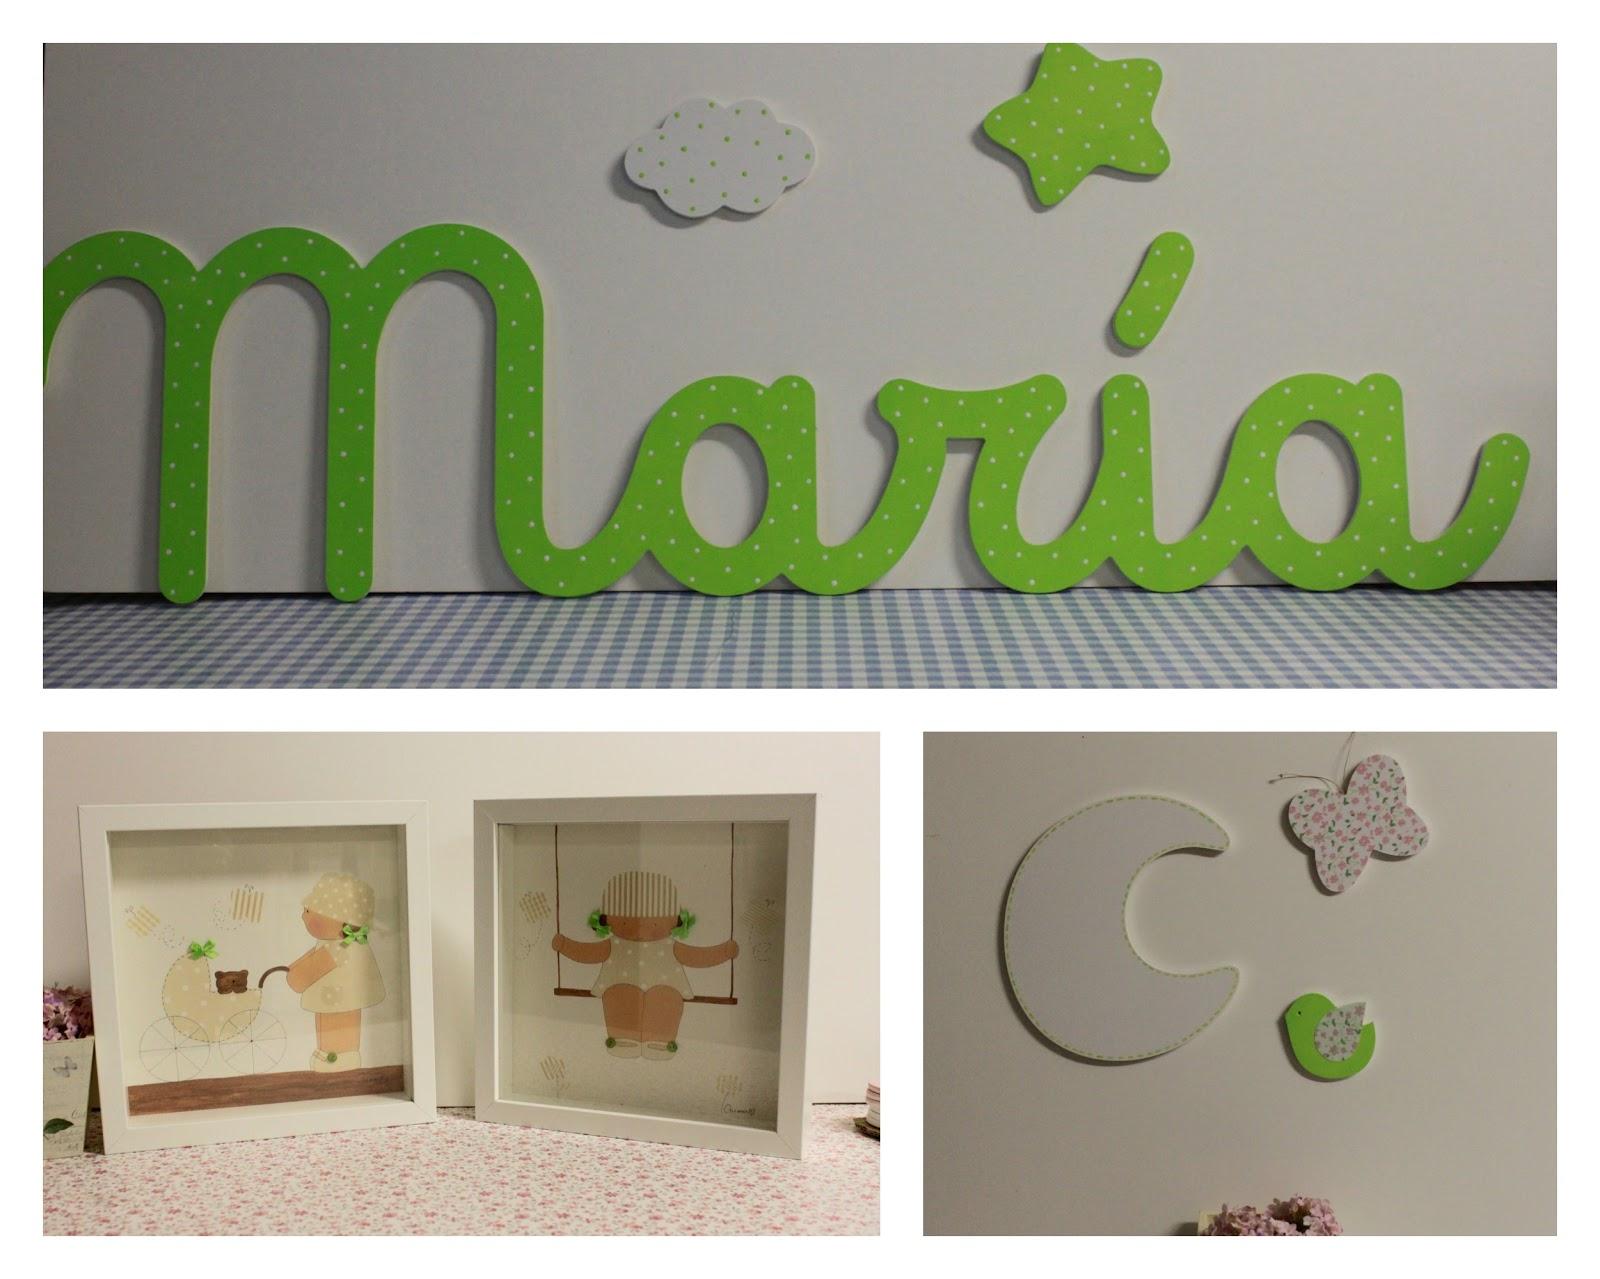 Letras y complementos en verde manzana decoraci n for Letras decoracion ikea